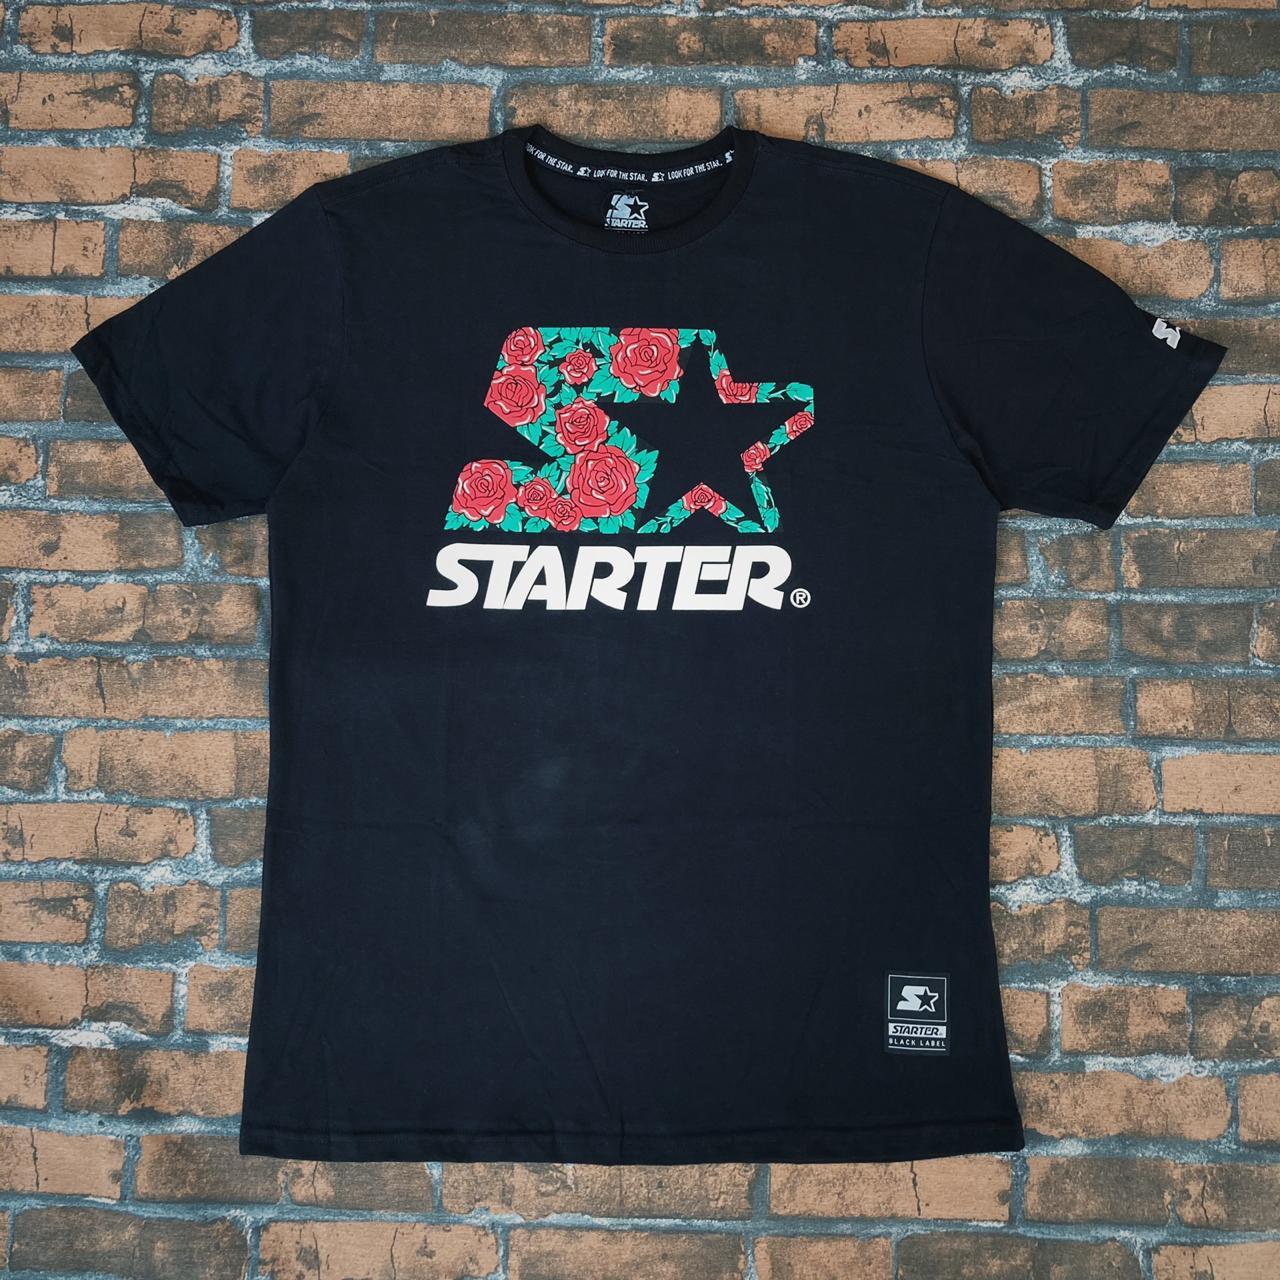 Camiseta starter preta t174a